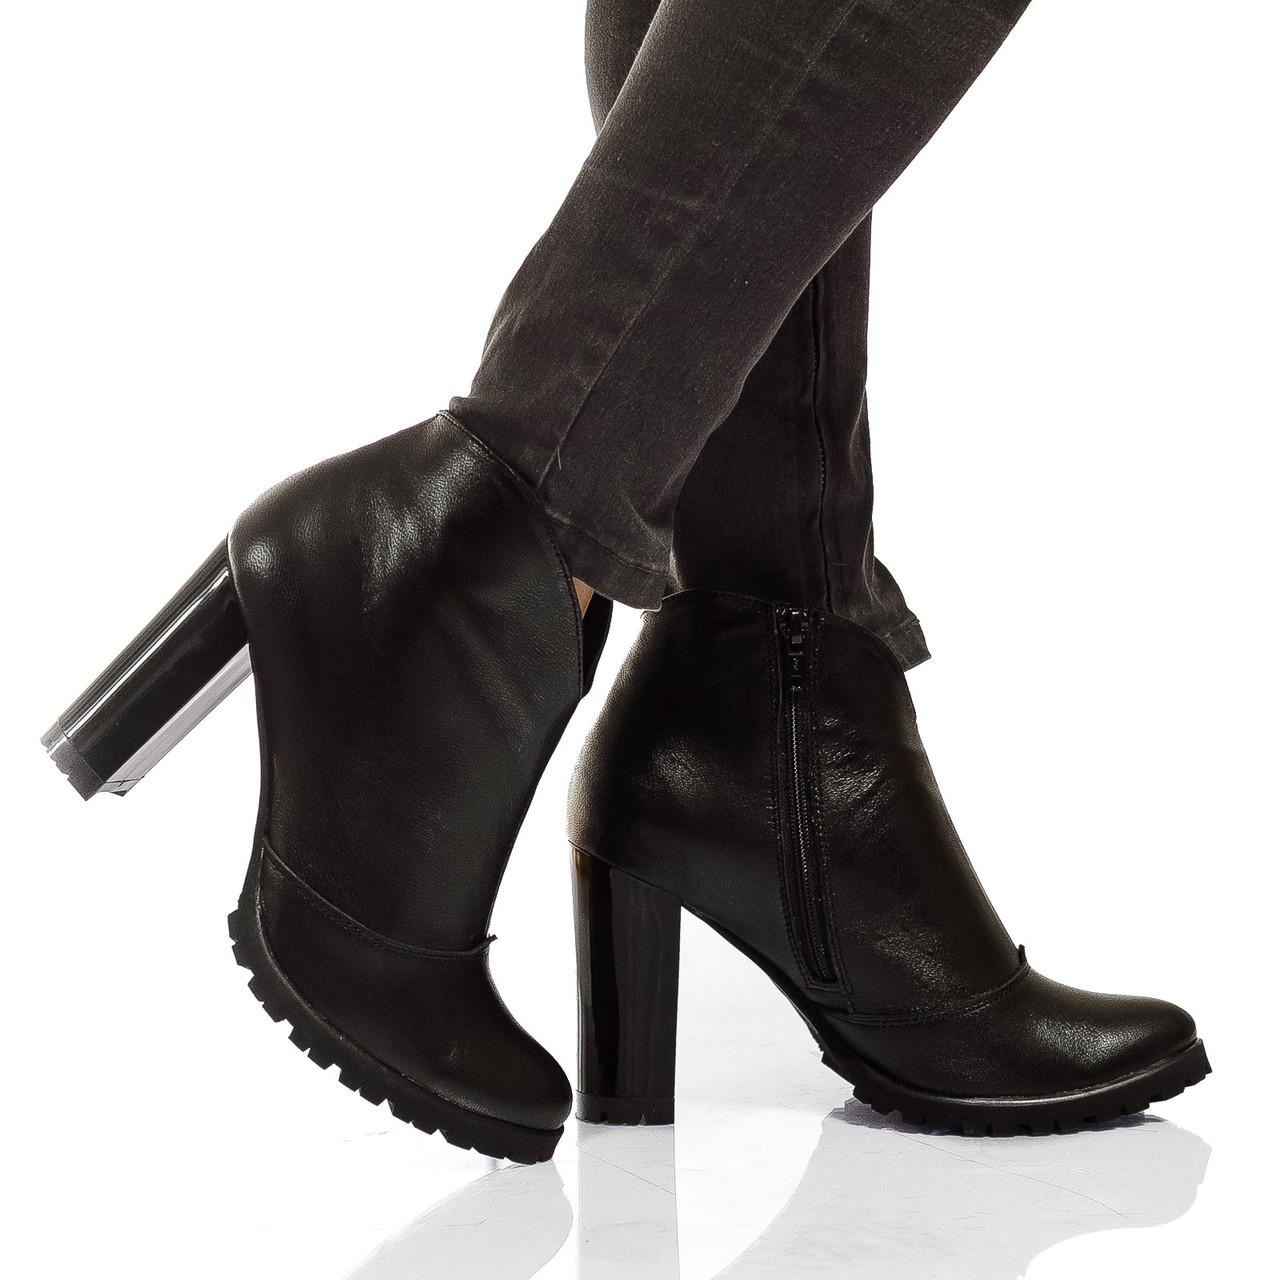 Ботинки на каблуке, из натуральной кожи, замша на молнии. Три цвета! Размеры 36-41 модель S2905